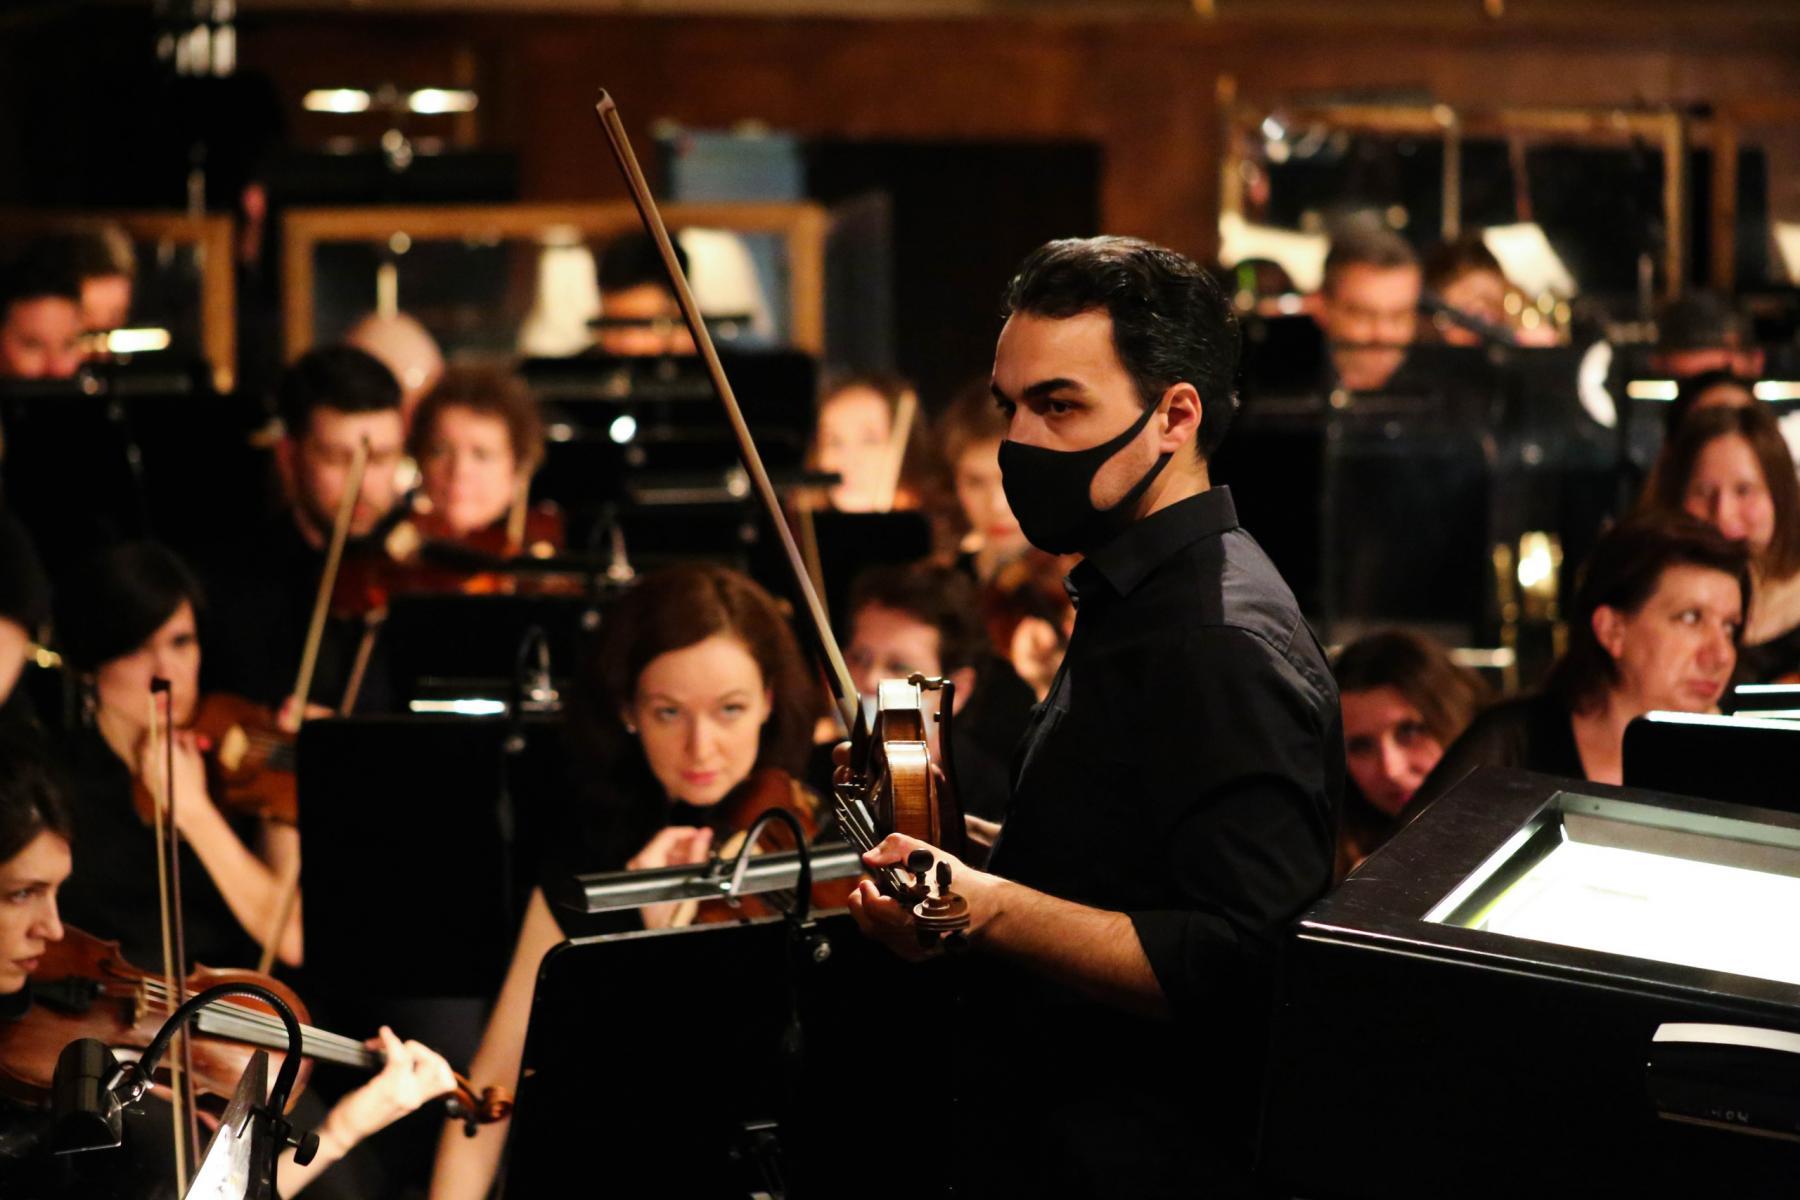 фото В НОВАТе состоялась генеральная репетиция главной премьеры сезона – оперы «Тоска» 3